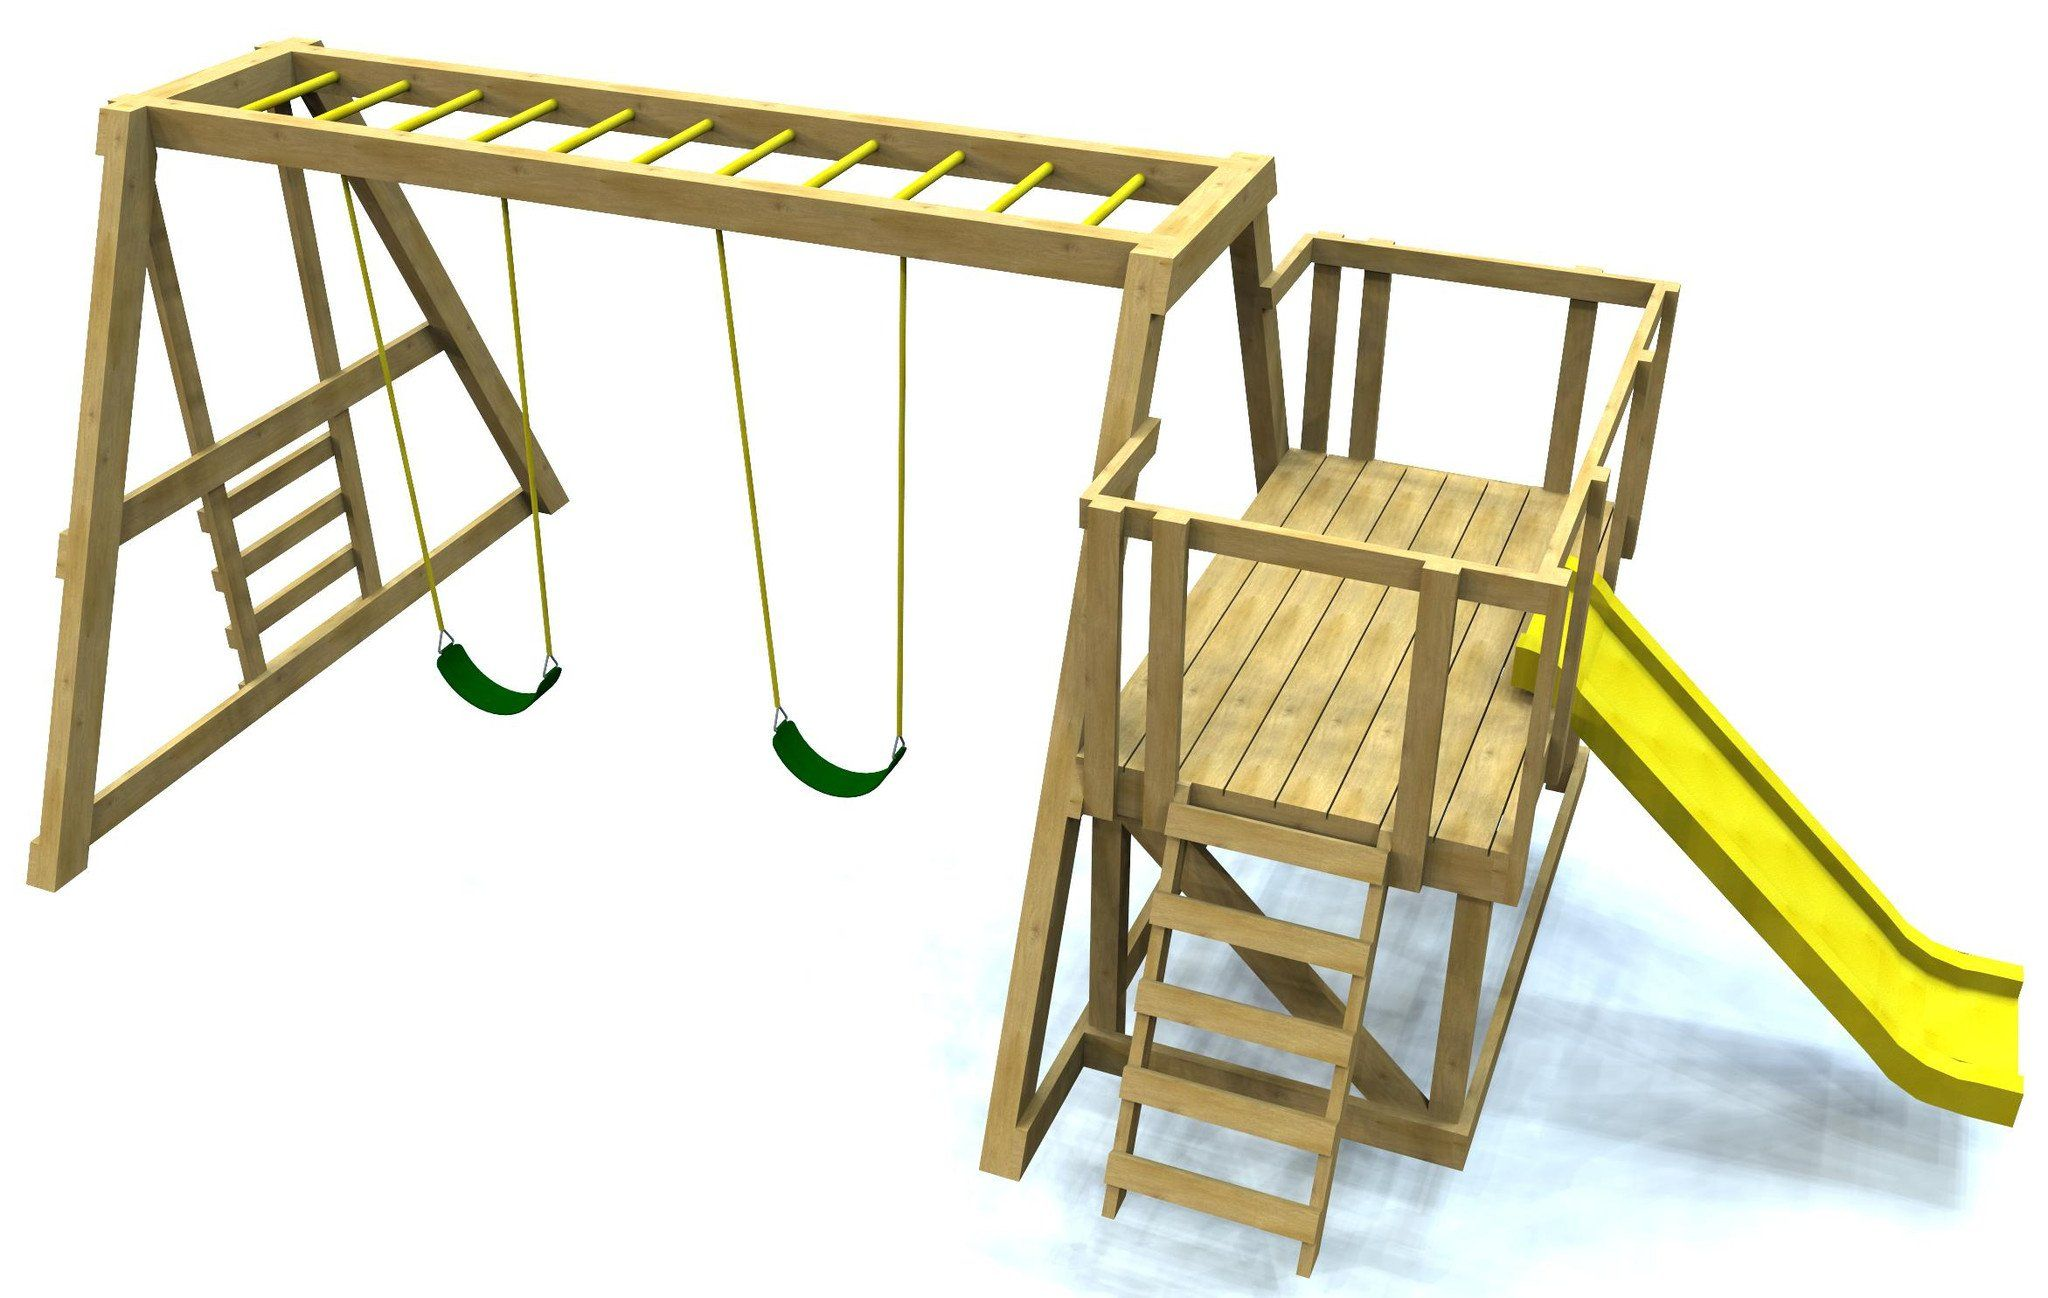 Paul's Swingset in 2020 Wooden swing set plans, Diy